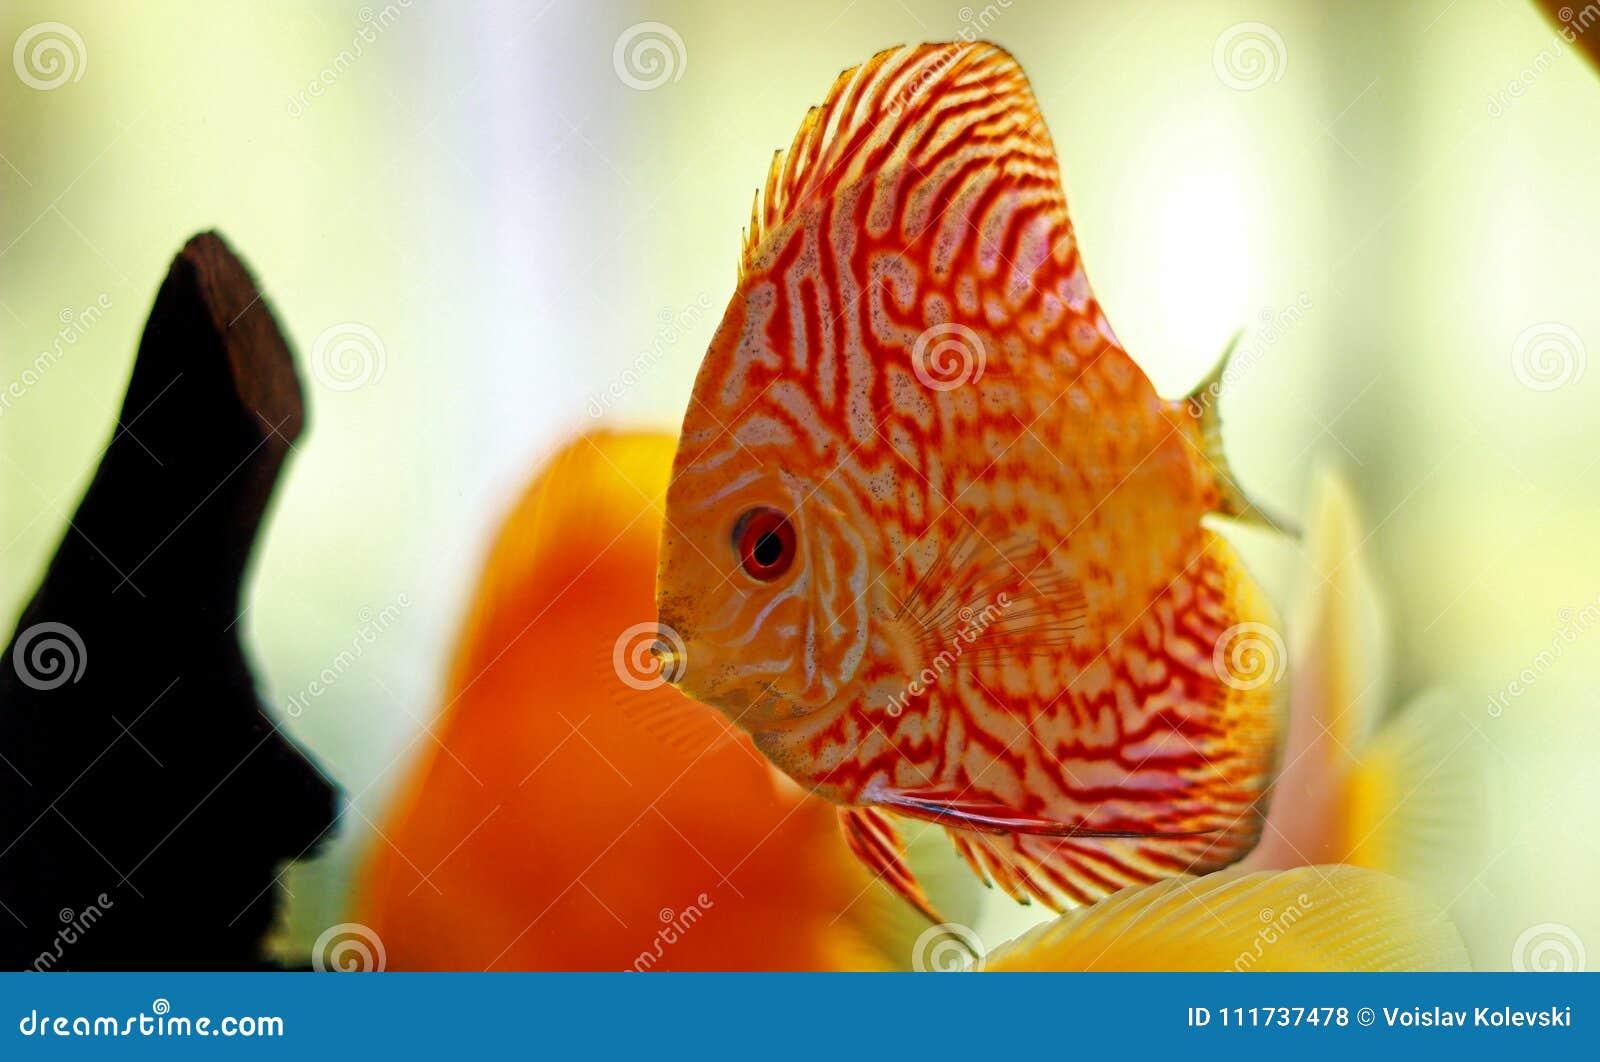 Discus Fish In Freshwater Aquarium Stock Photo - Image of ...